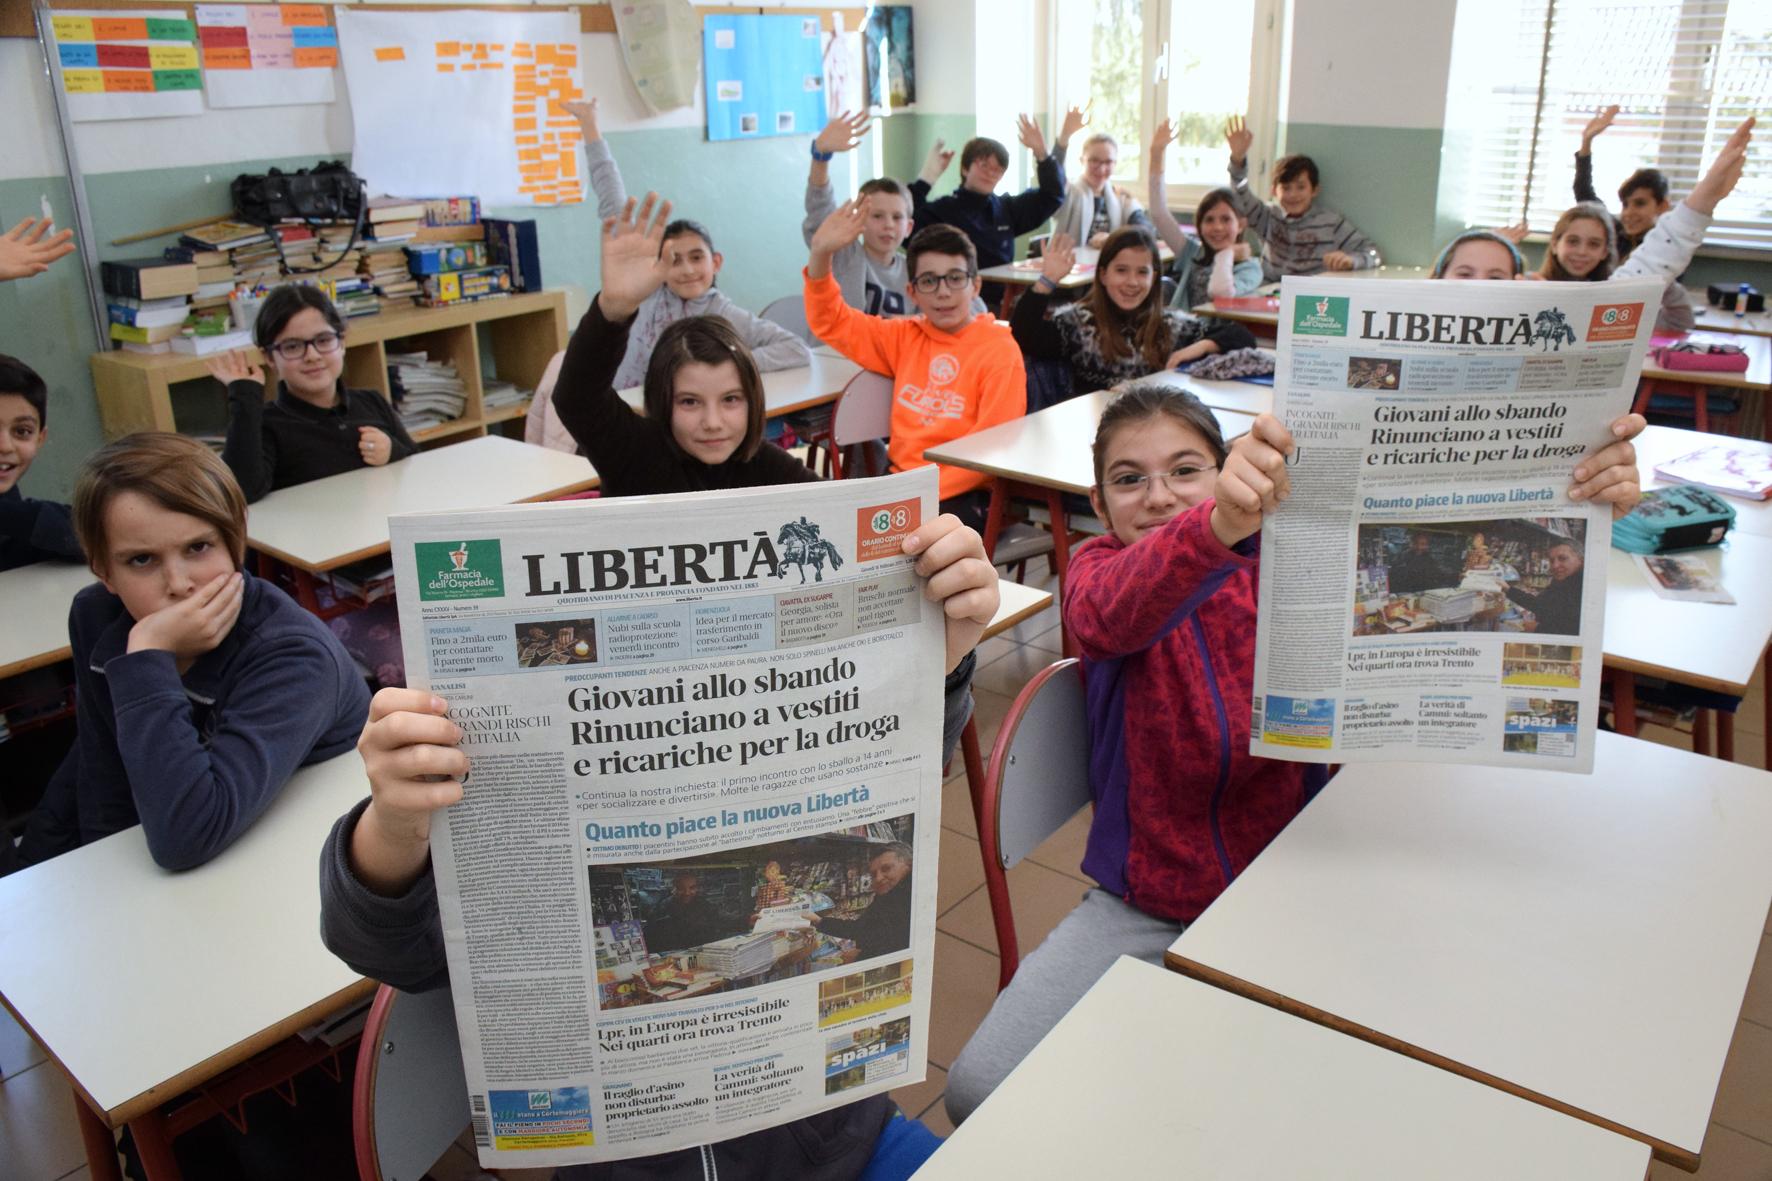 La nuova Libertà piace a tutti, anche ai lettori in erba